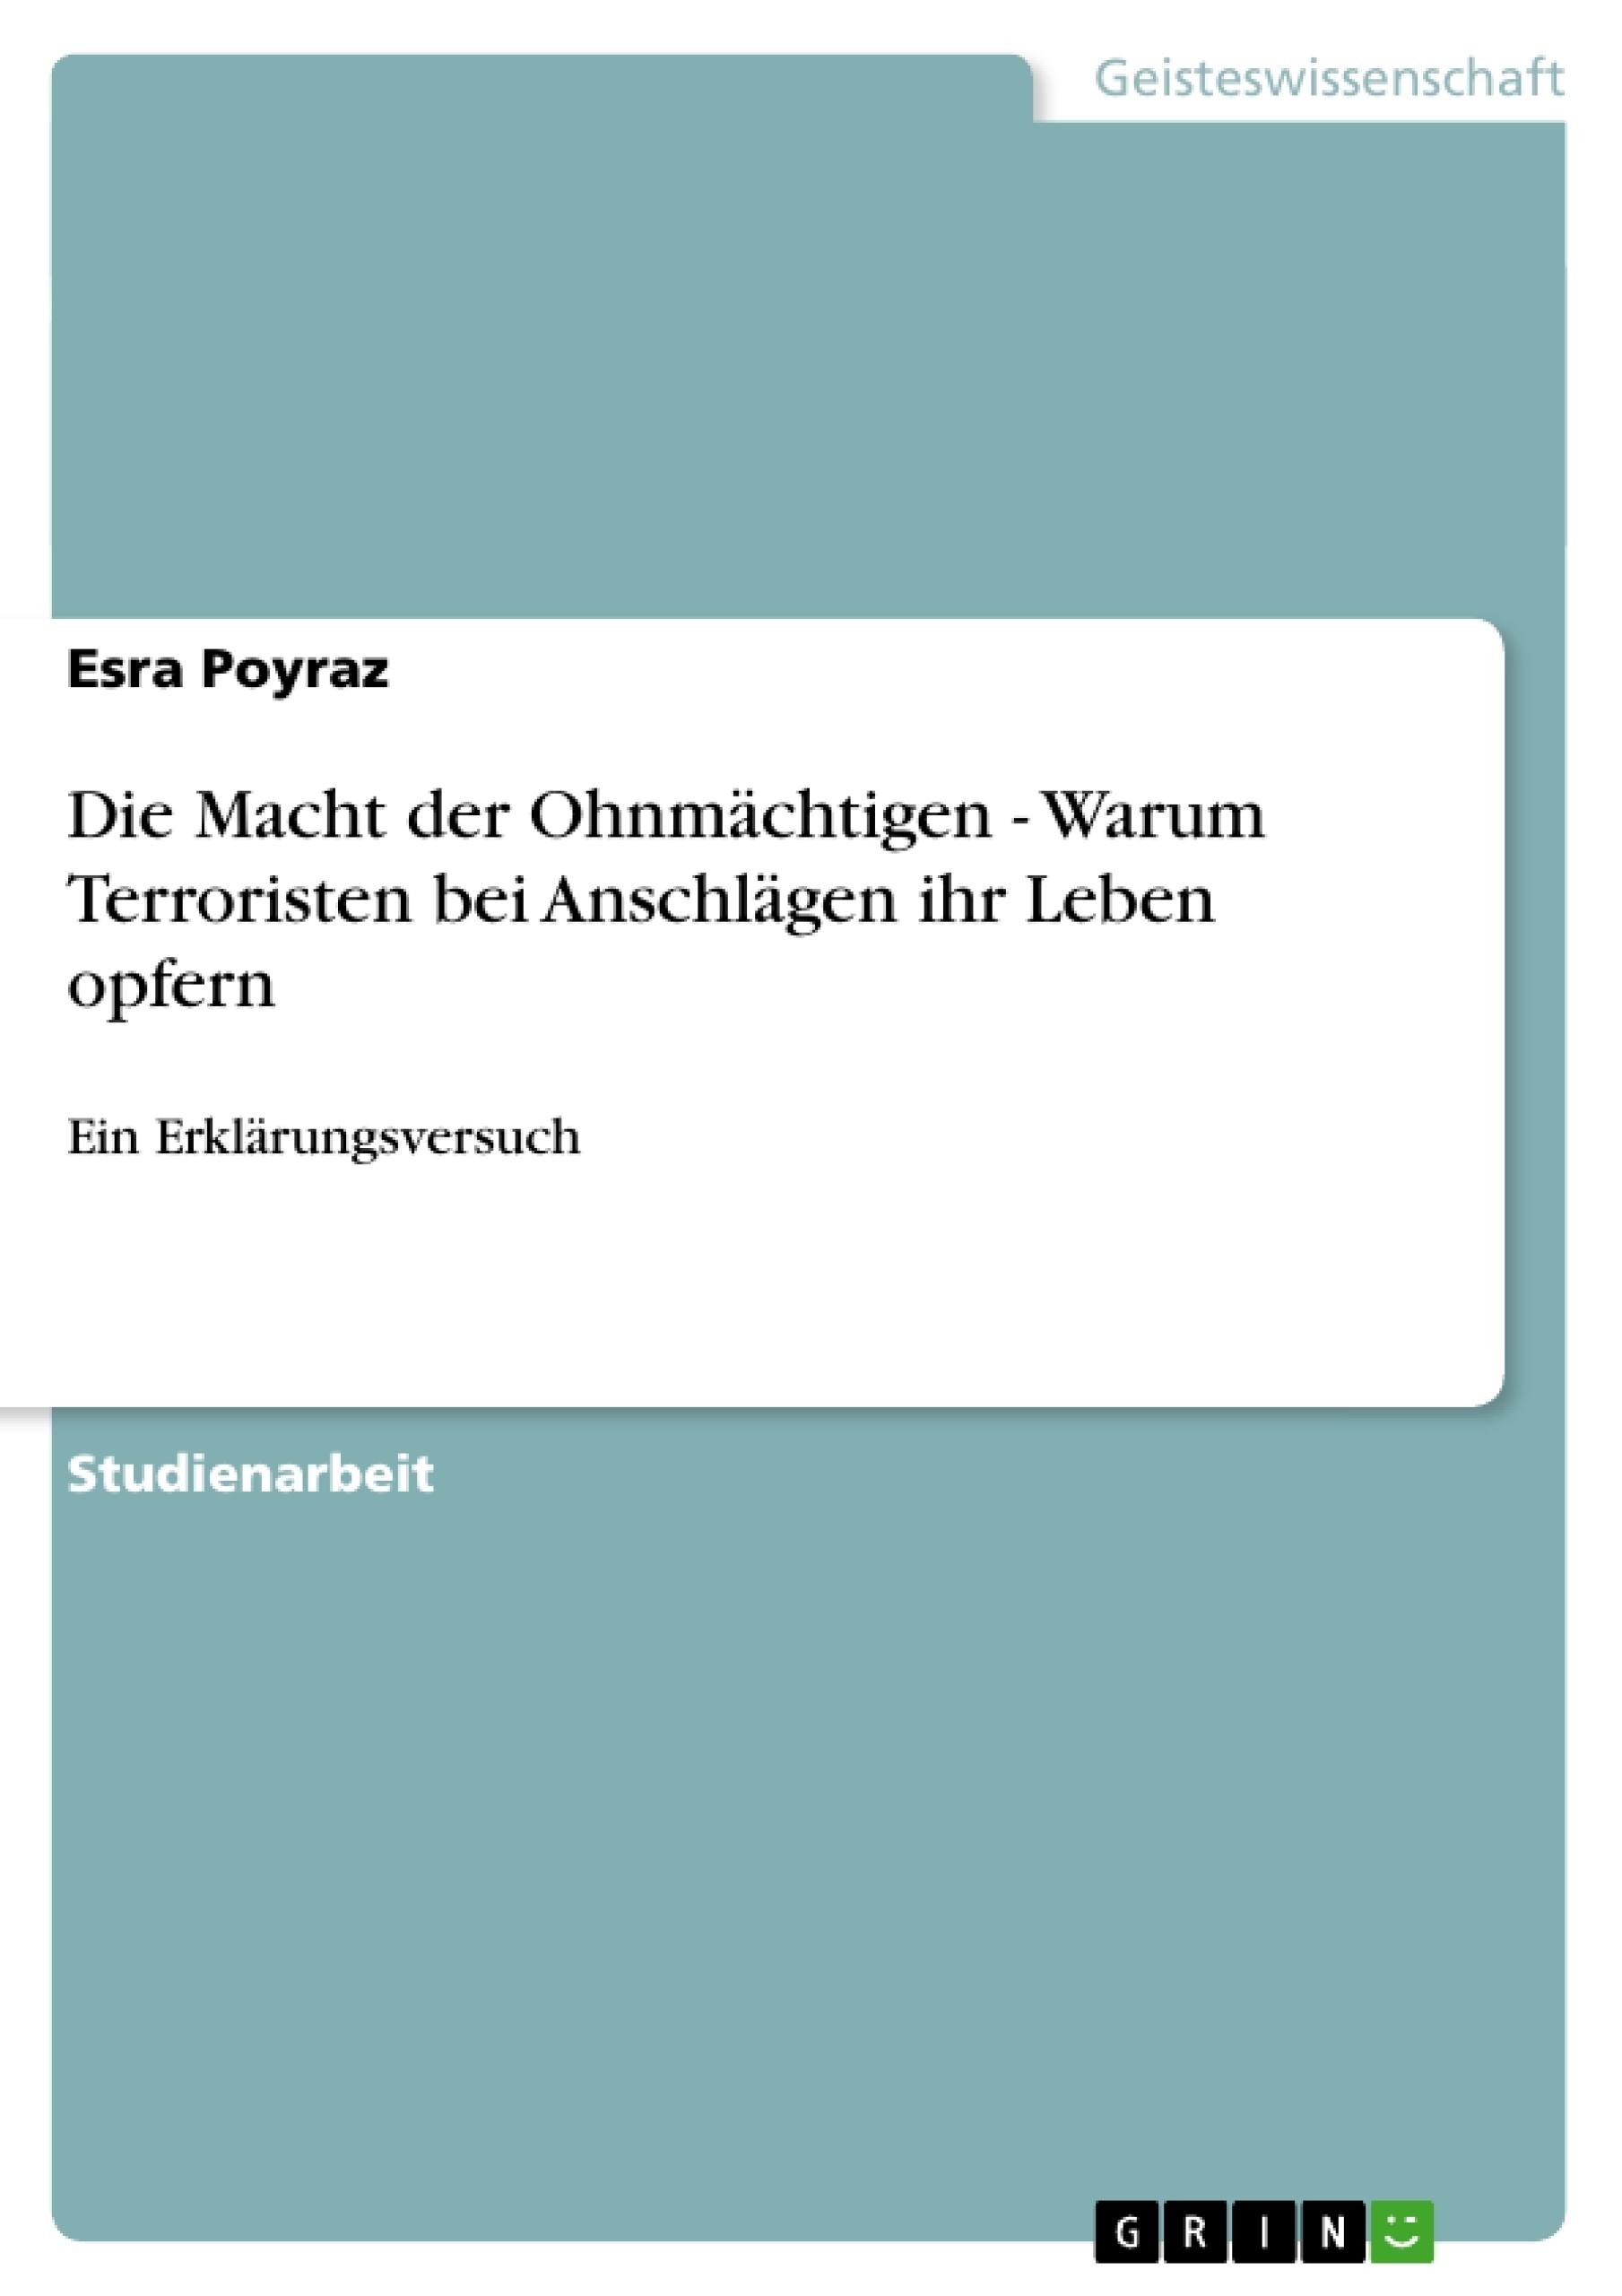 Titel: Die Macht der Ohnmächtigen - Warum Terroristen bei Anschlägen ihr Leben opfern